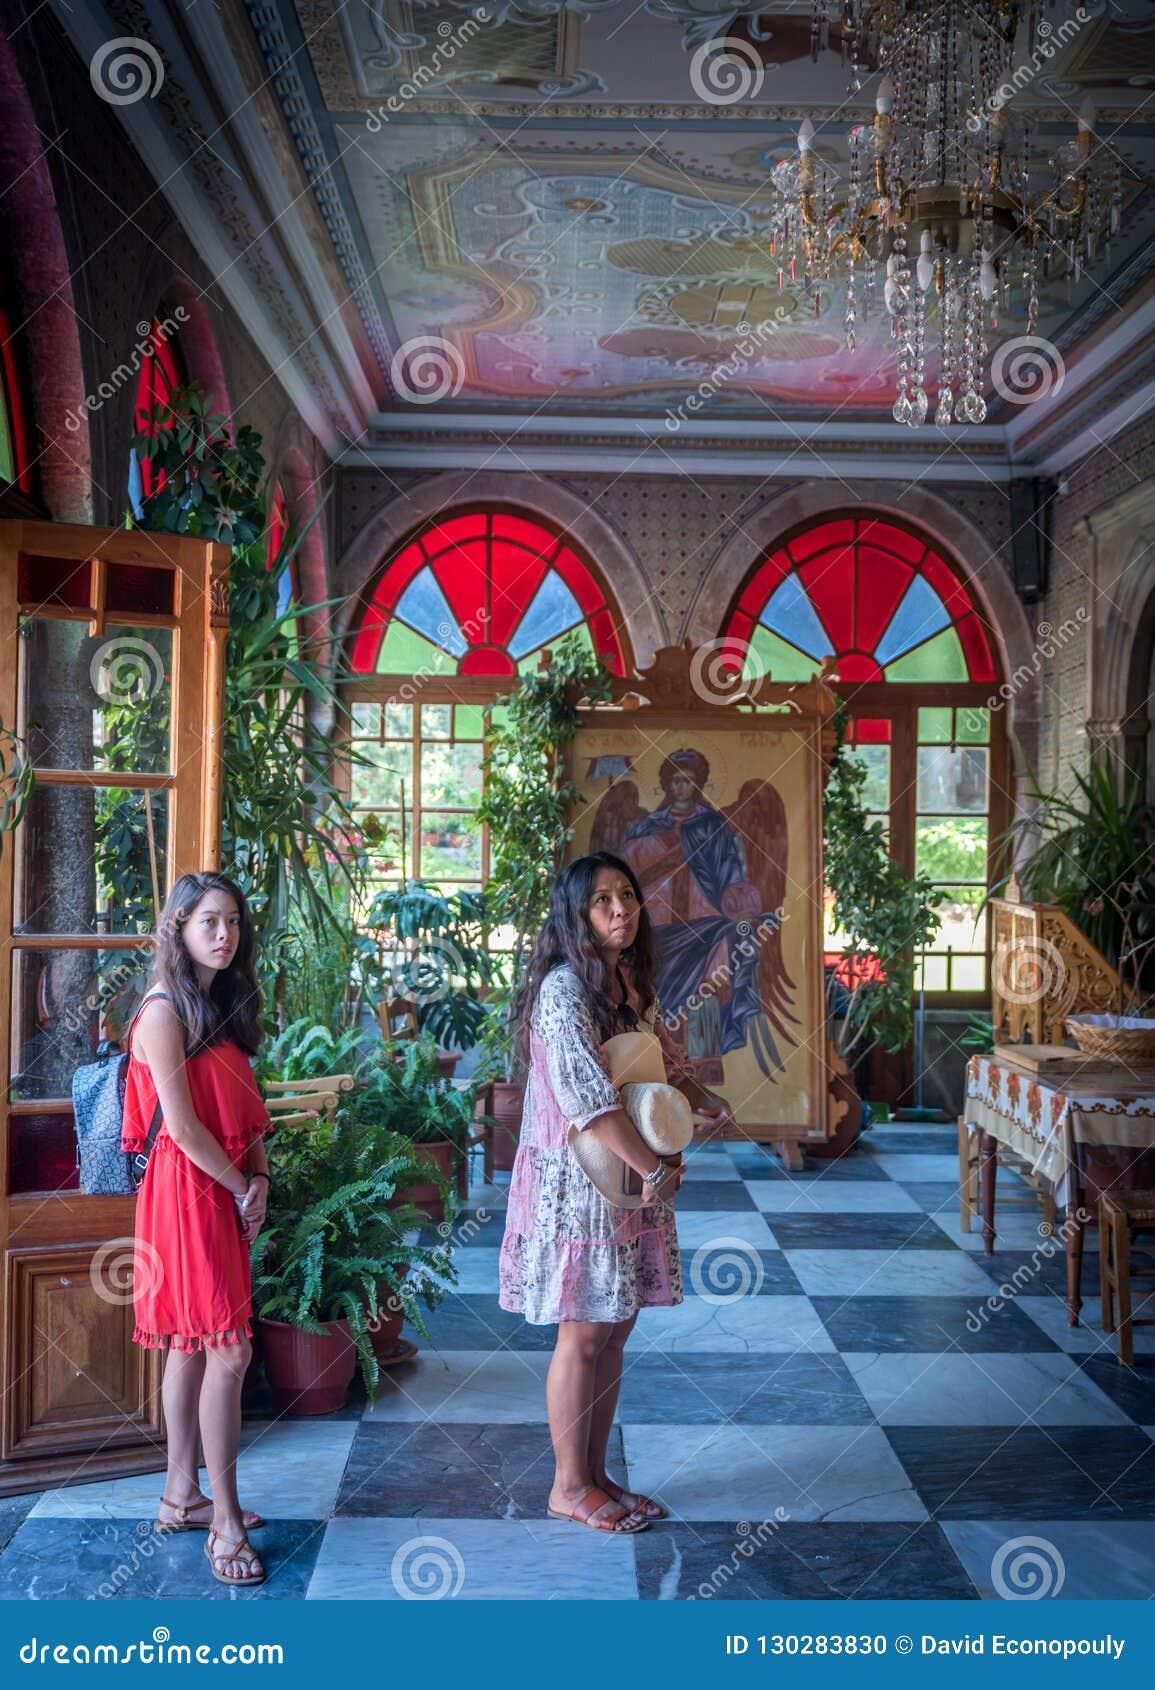 Μοναστήρι Taxiachis, Mantamados, Λέσβος, Ελλάδα 25 Ιουνίου 2018: